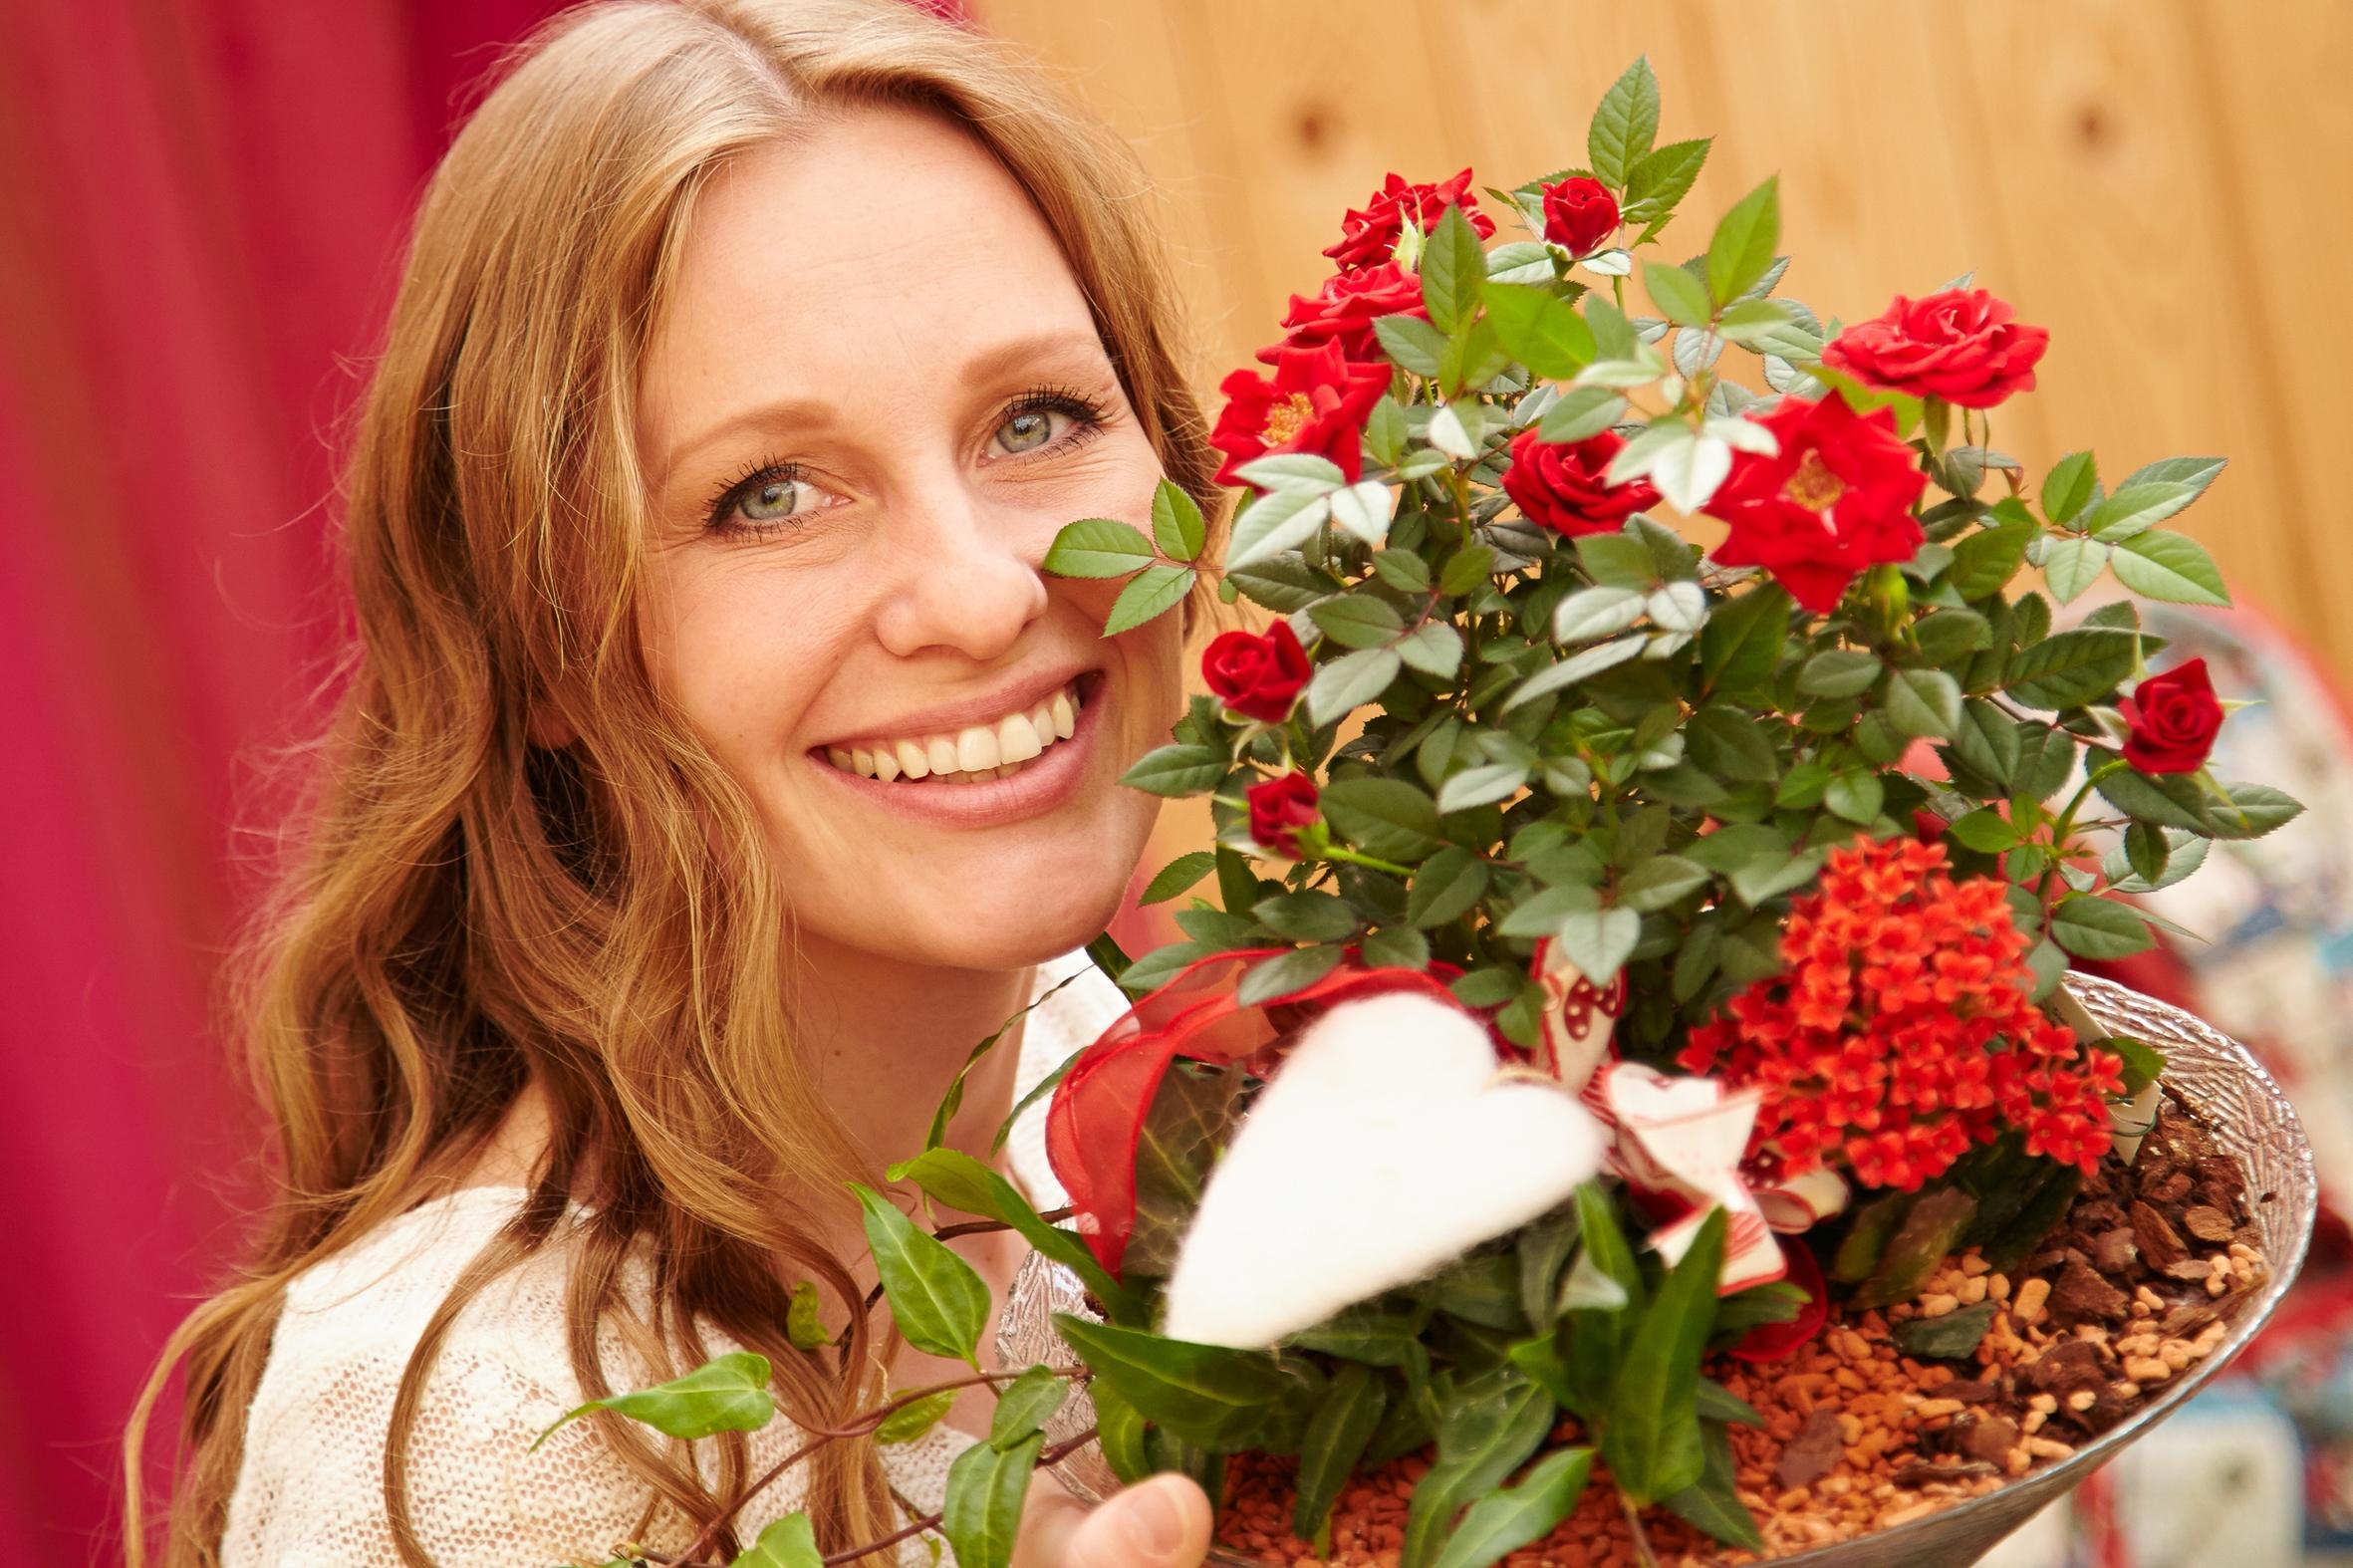 Mit Liebe schenken – Valentinsblumen aus dem Fachhandel